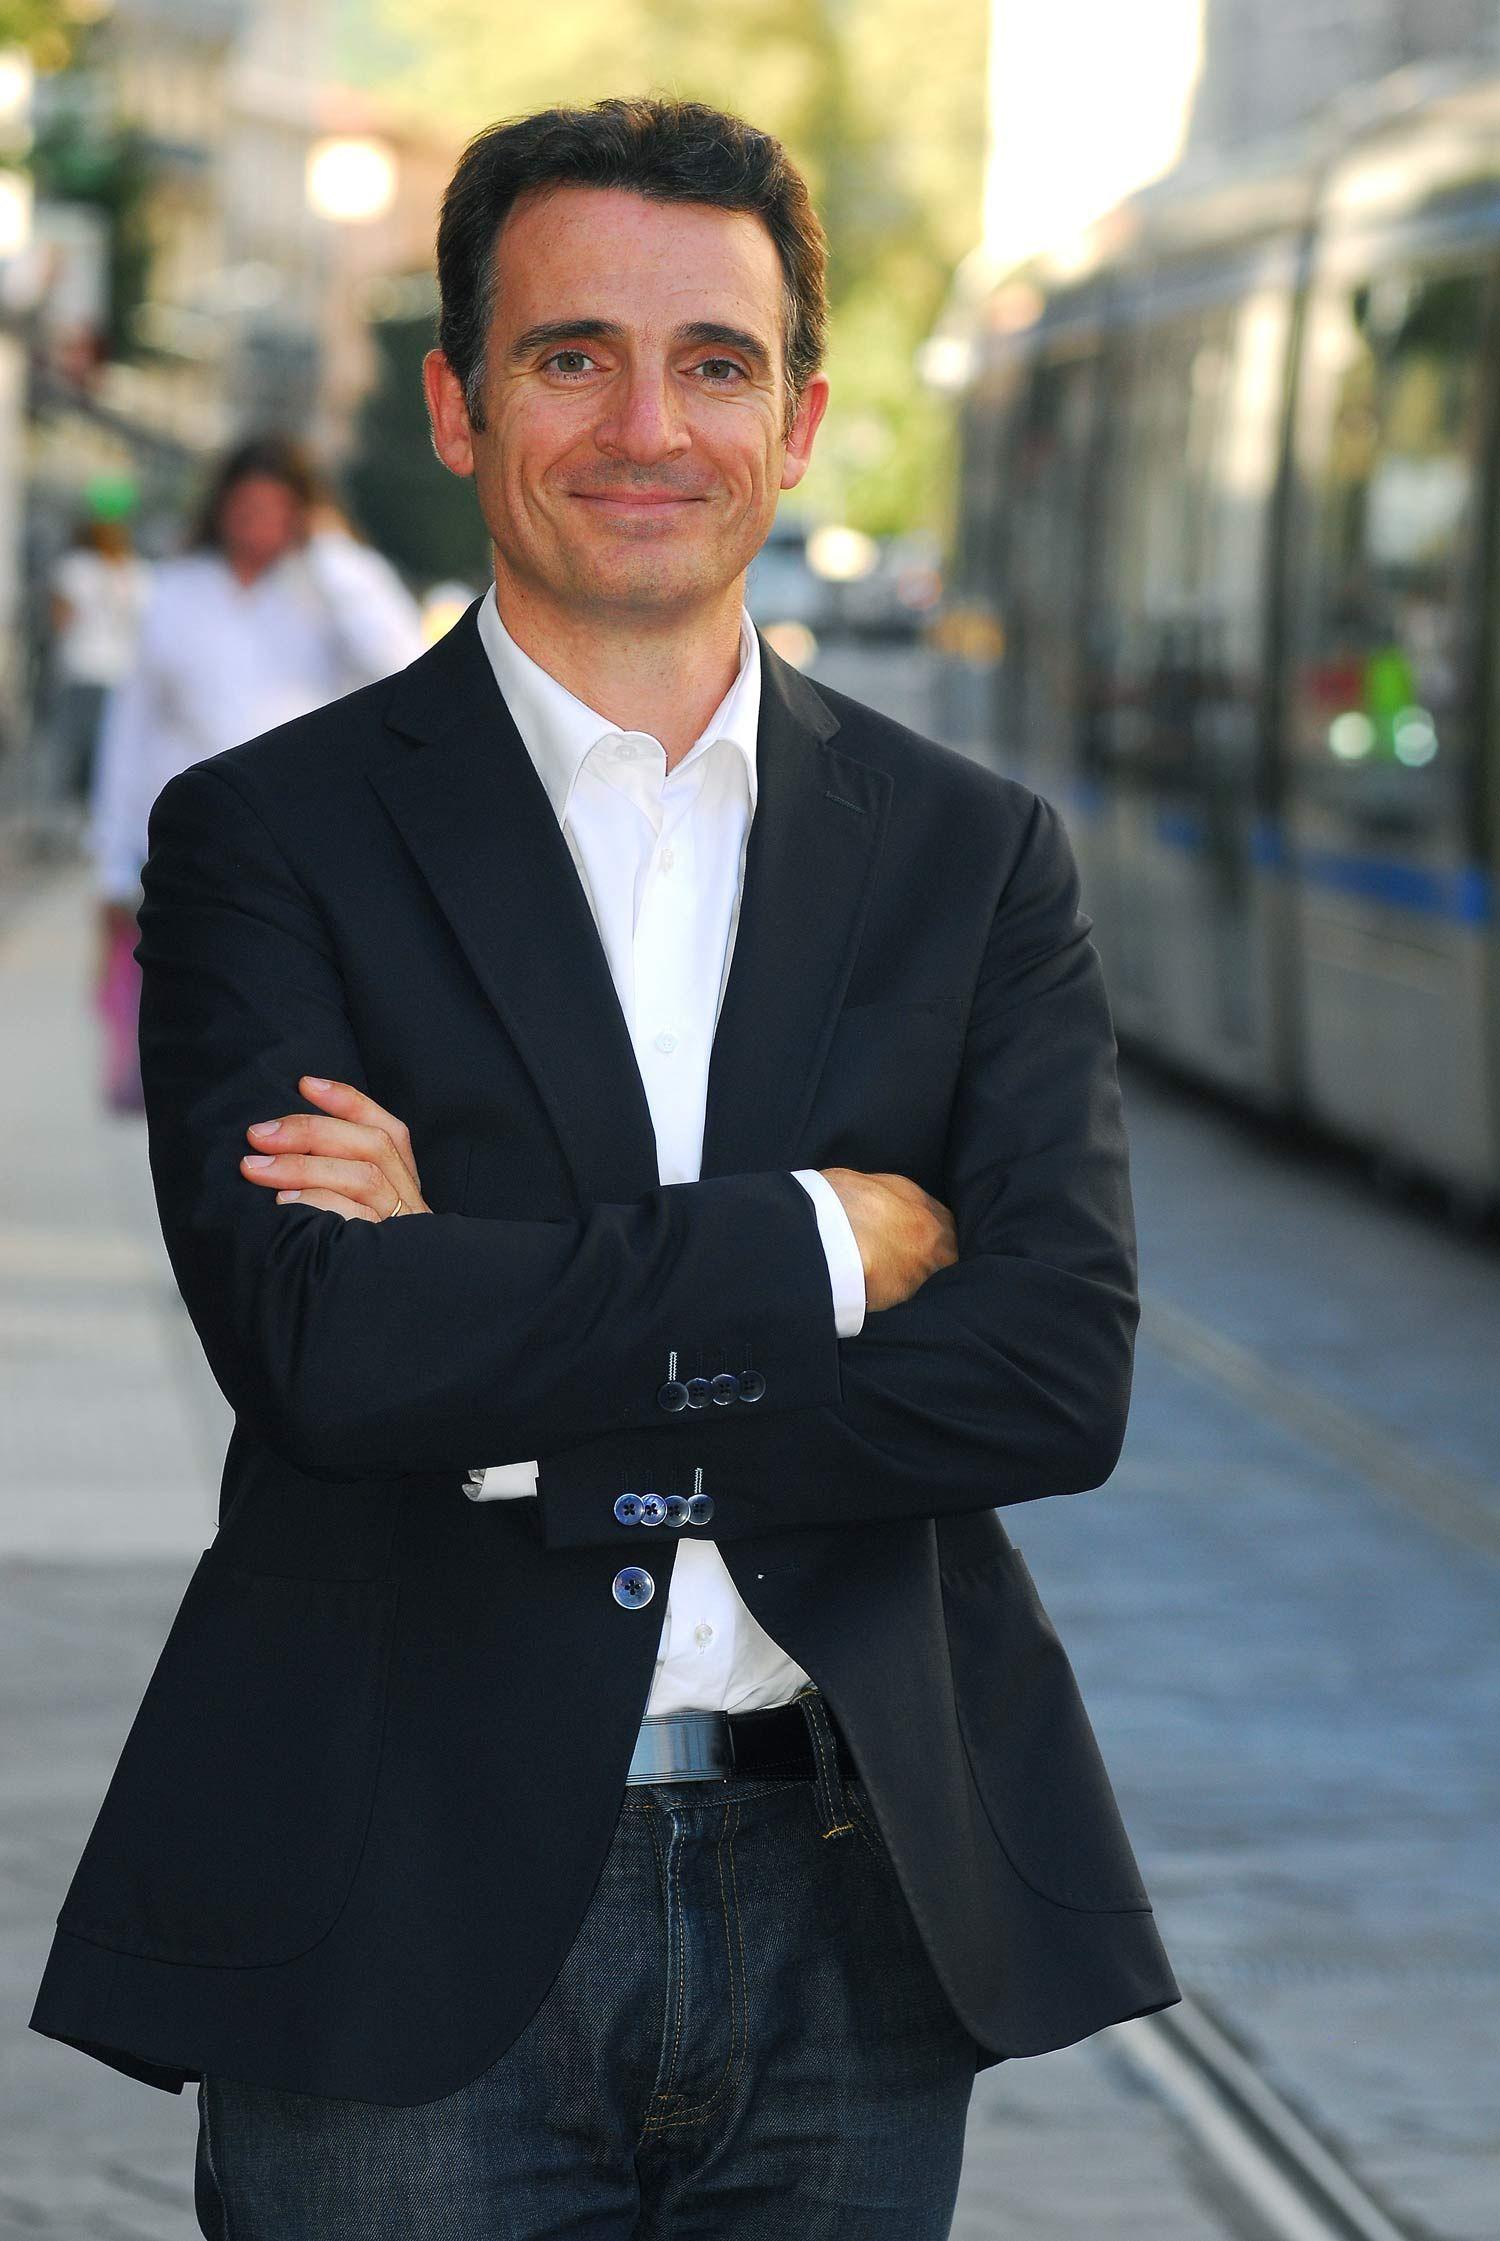 Le nouveau maire écologiste de Grenoble pourrait-il être contraint de jeter l'éponge ?